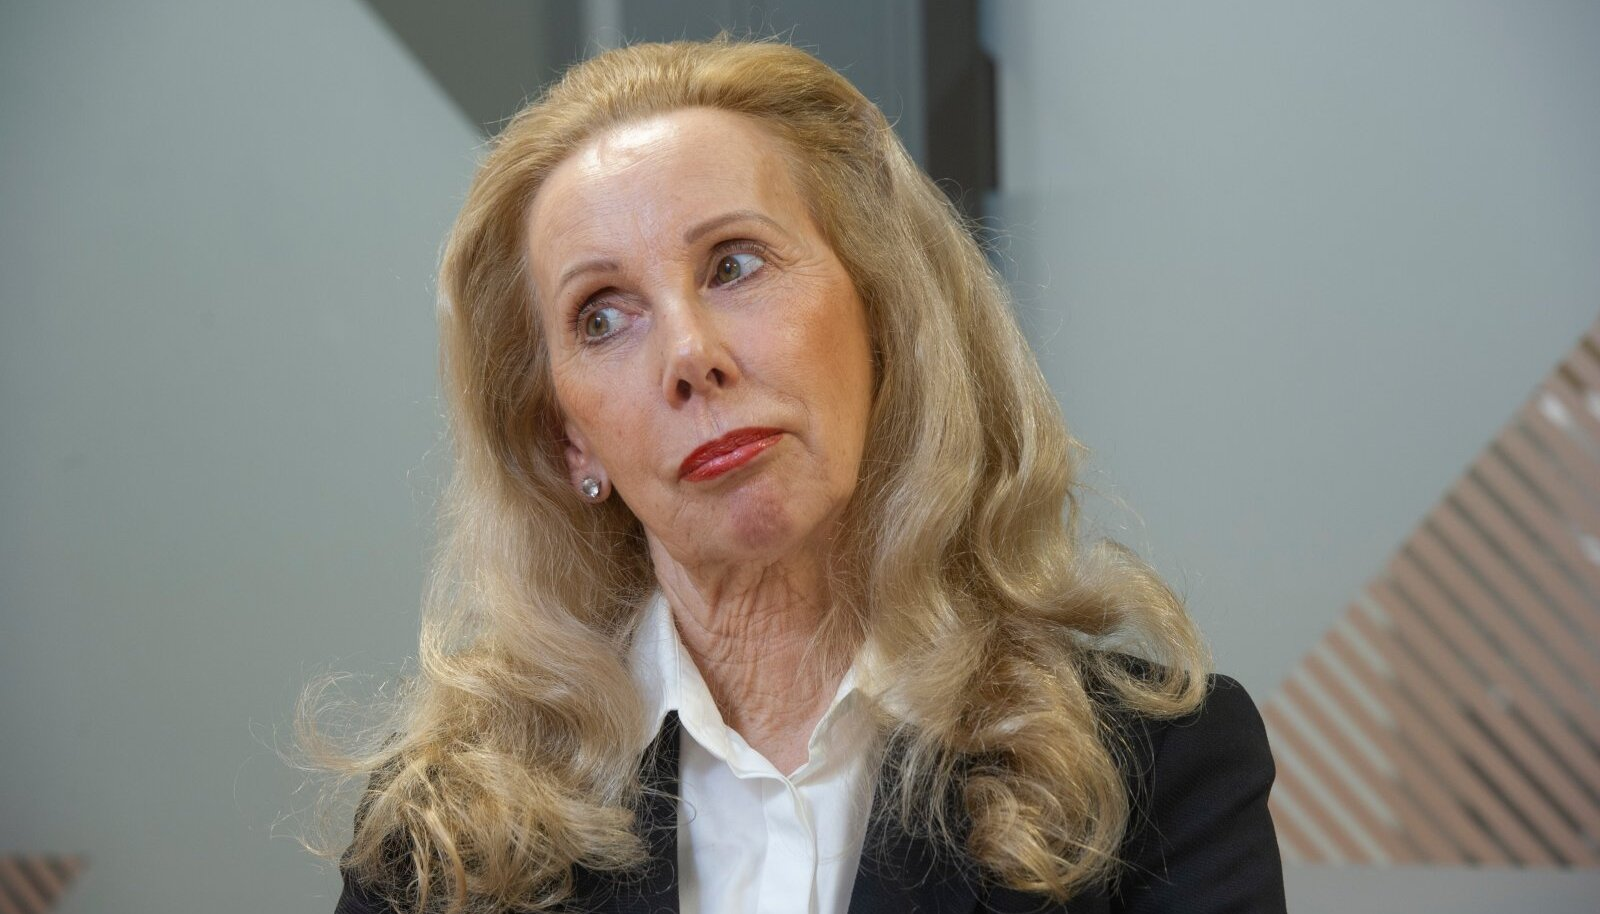 Mitmel rindel rahapesutemaatikaga tegelenud Kersti Kracht on nüüd ise rahapesus kahtlustatav.